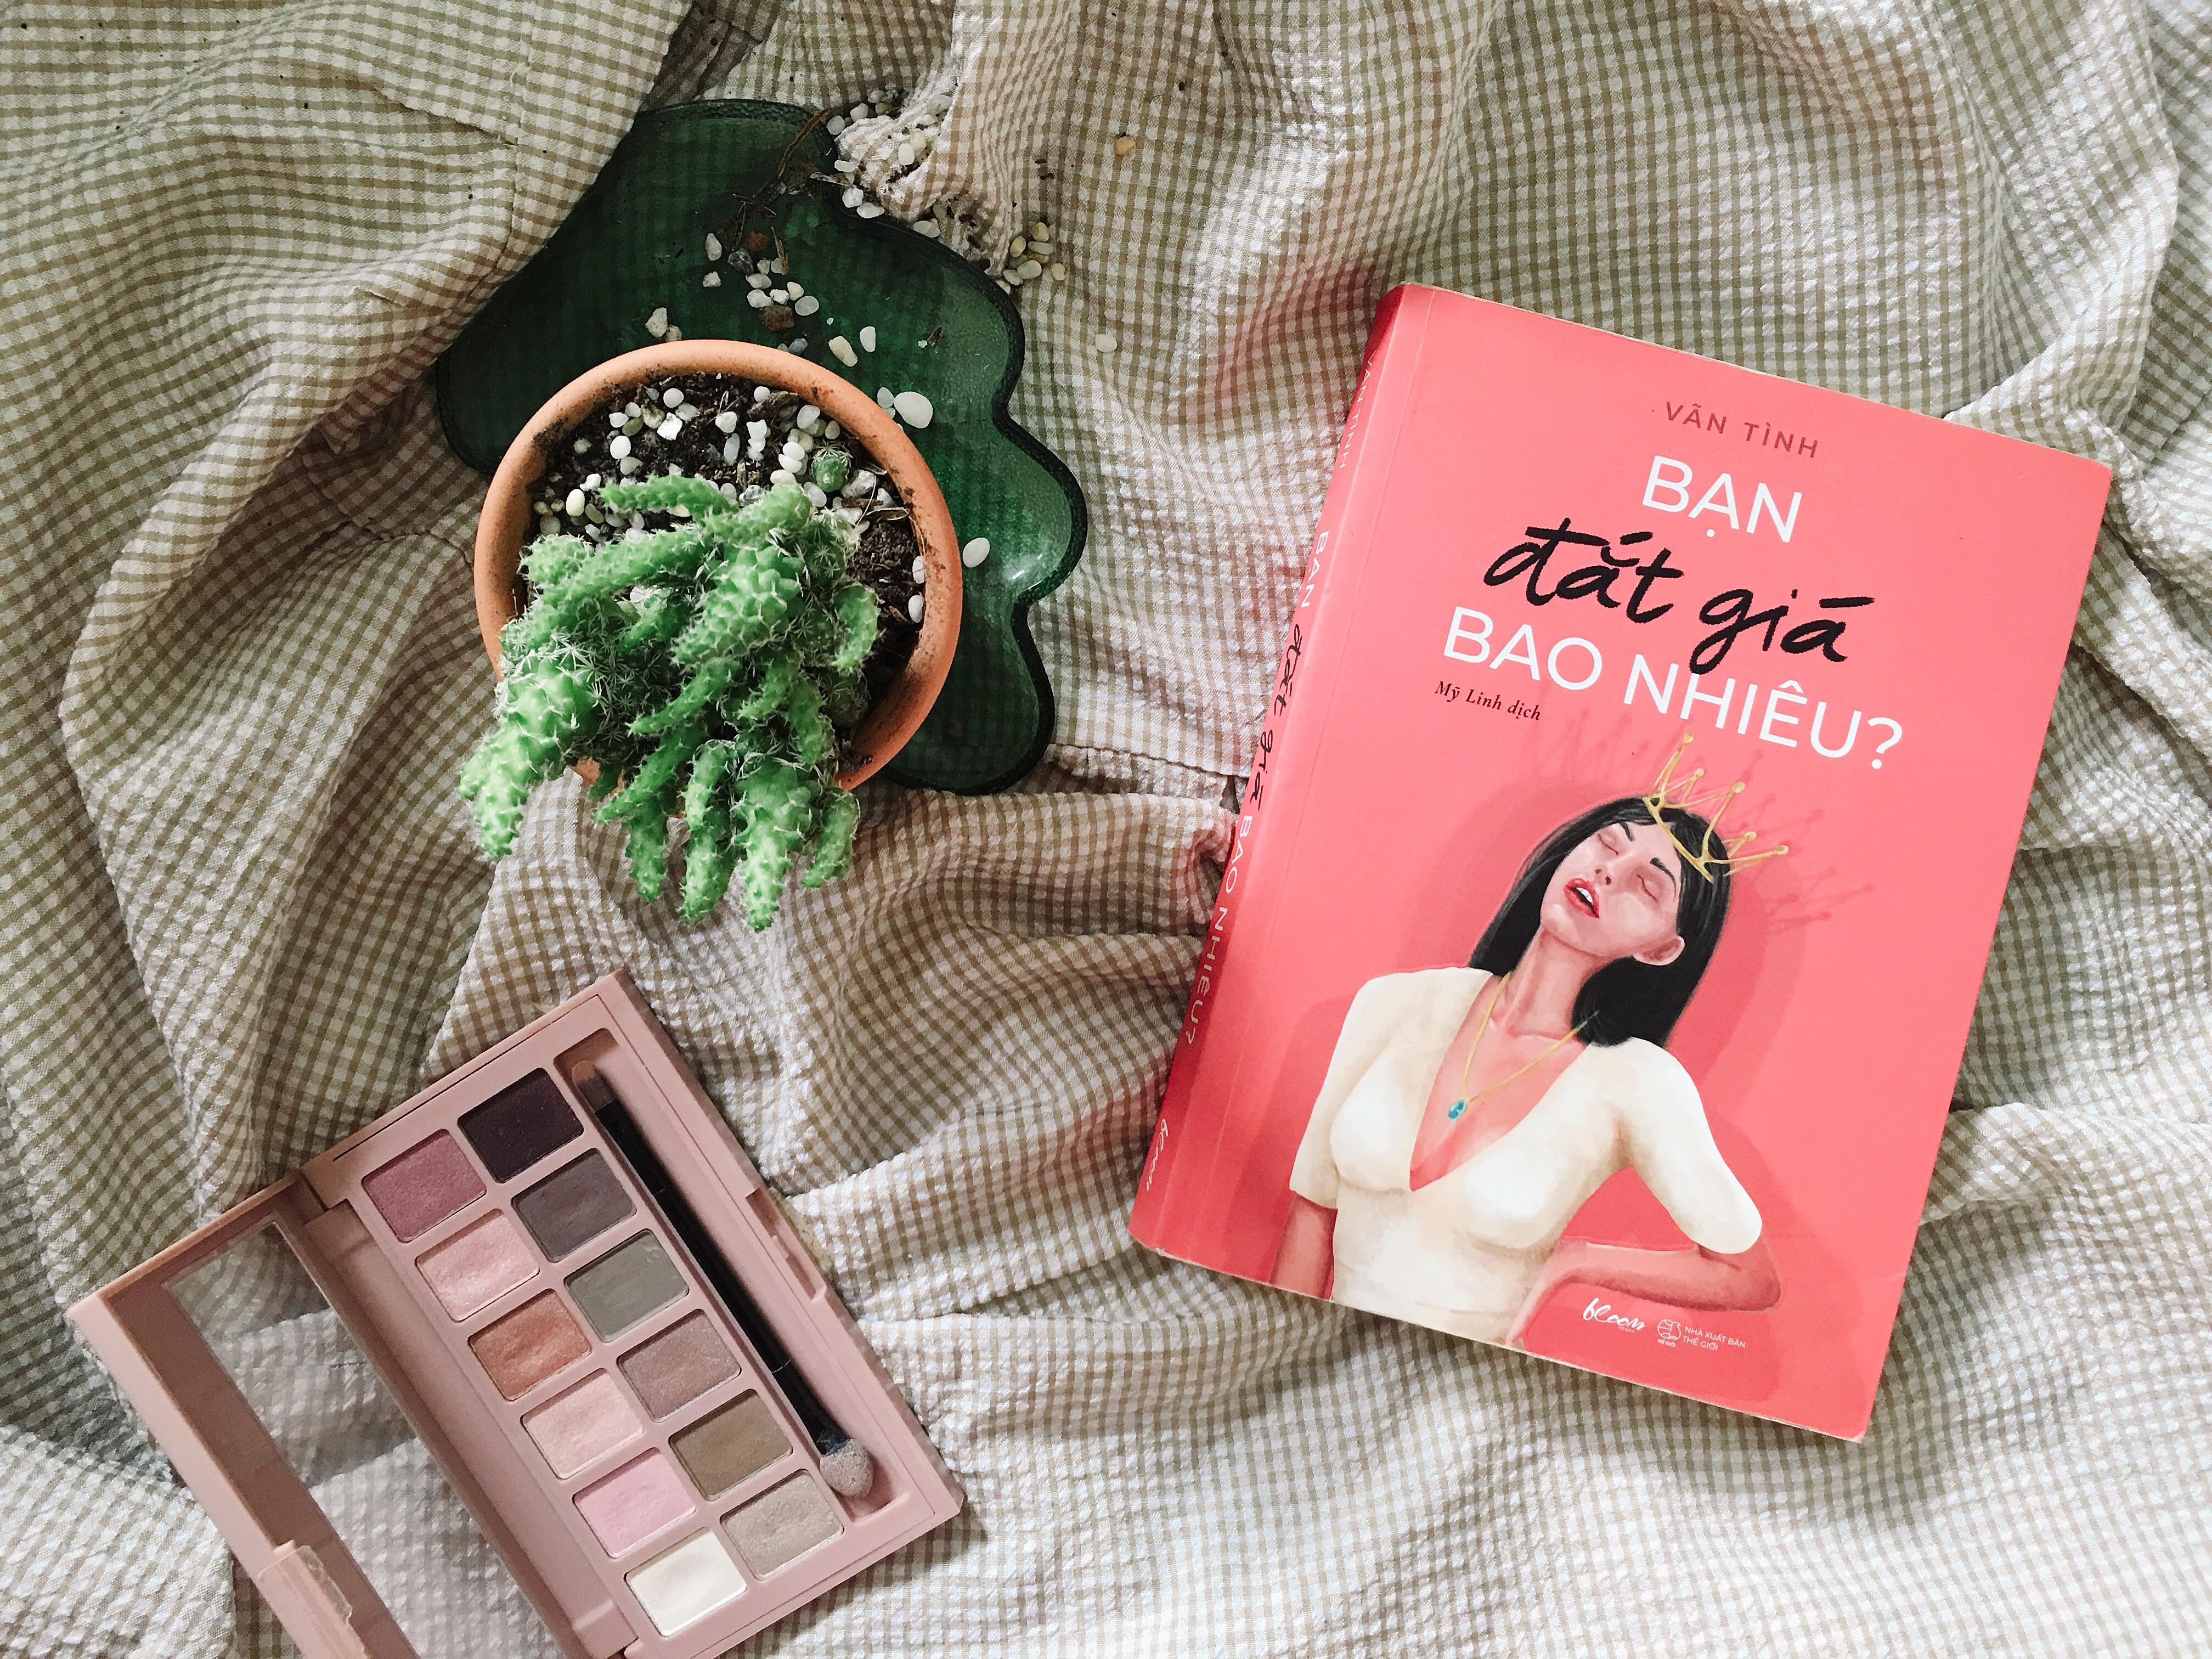 Review sách | Bạn đắt giá bao nhiêu? | Vãn Tình – Kim Xuân